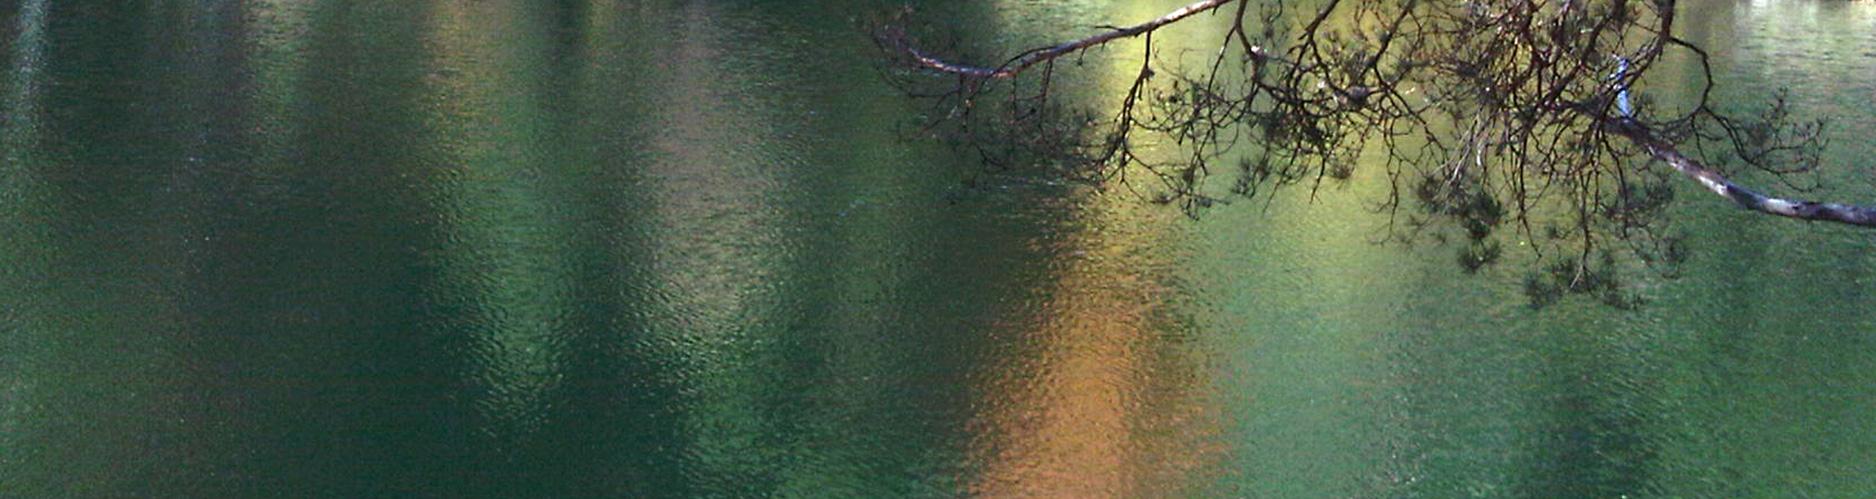 rua papel política de calidad y medio ambiente orilla lago slide